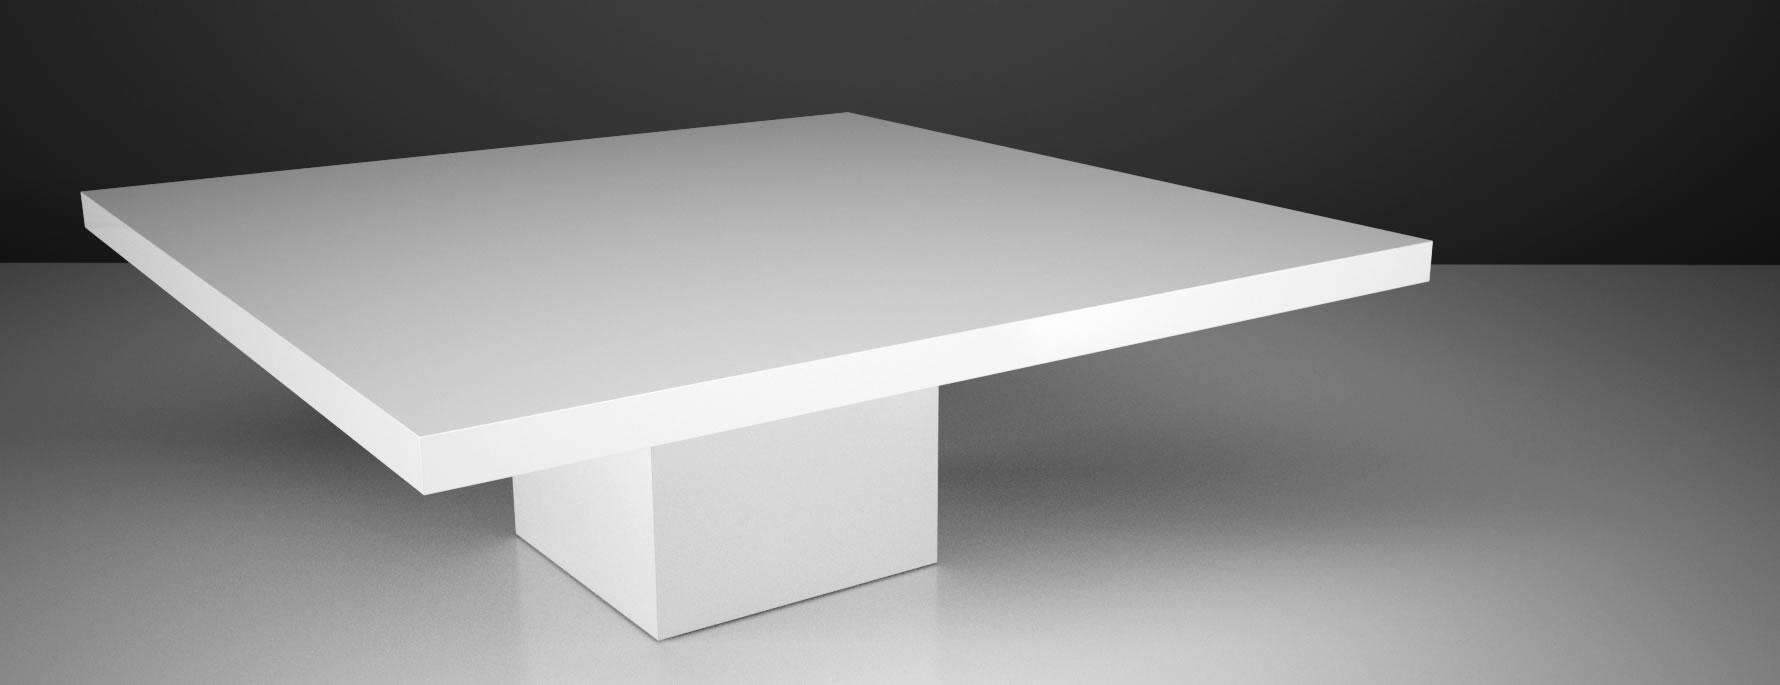 Tisch festum exklusiver design tisch von rechteck for Weisser esszimmertisch